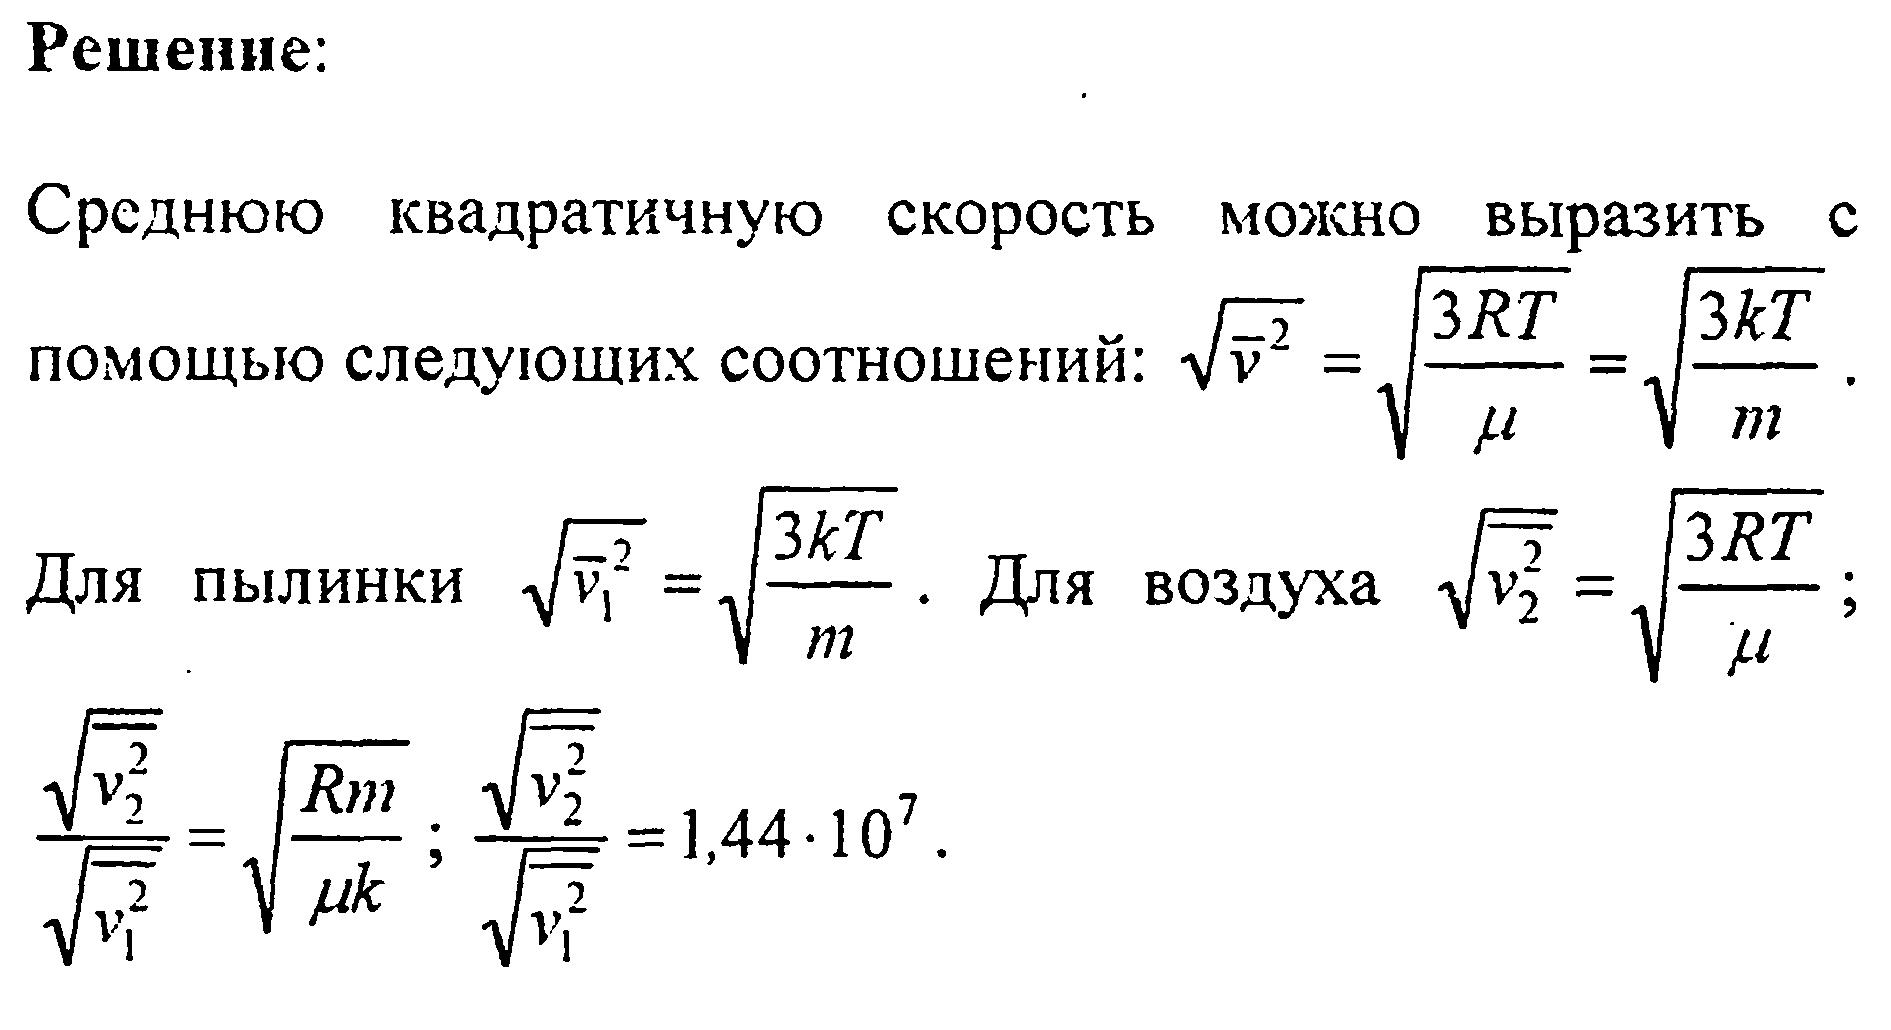 Отношение средних квадратичных скоростей гелия и азота